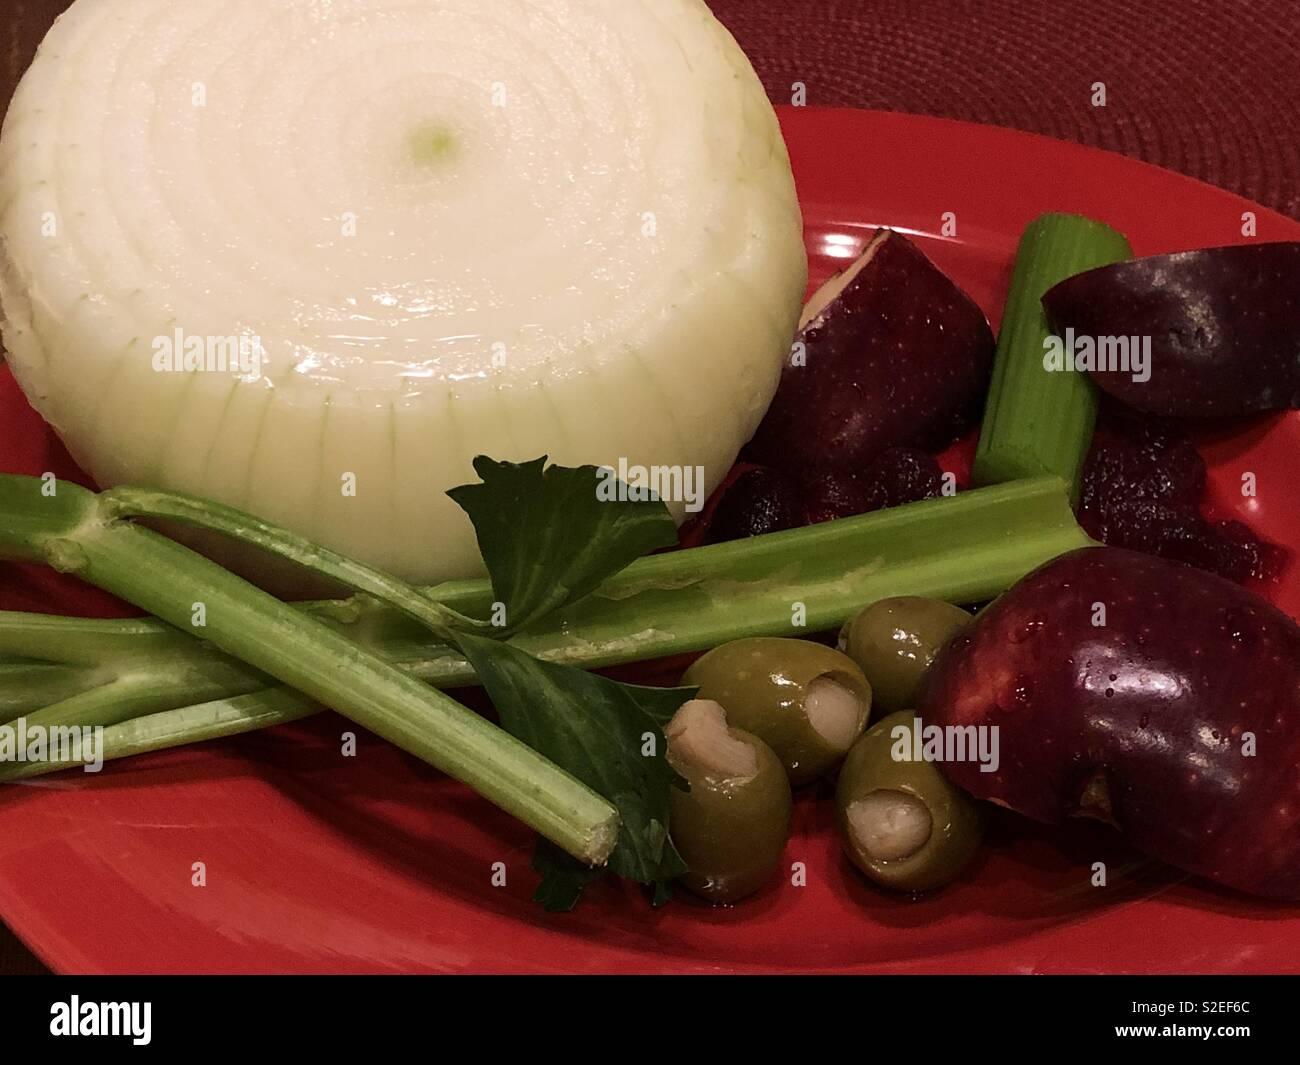 Happy Veggies - Stock Image